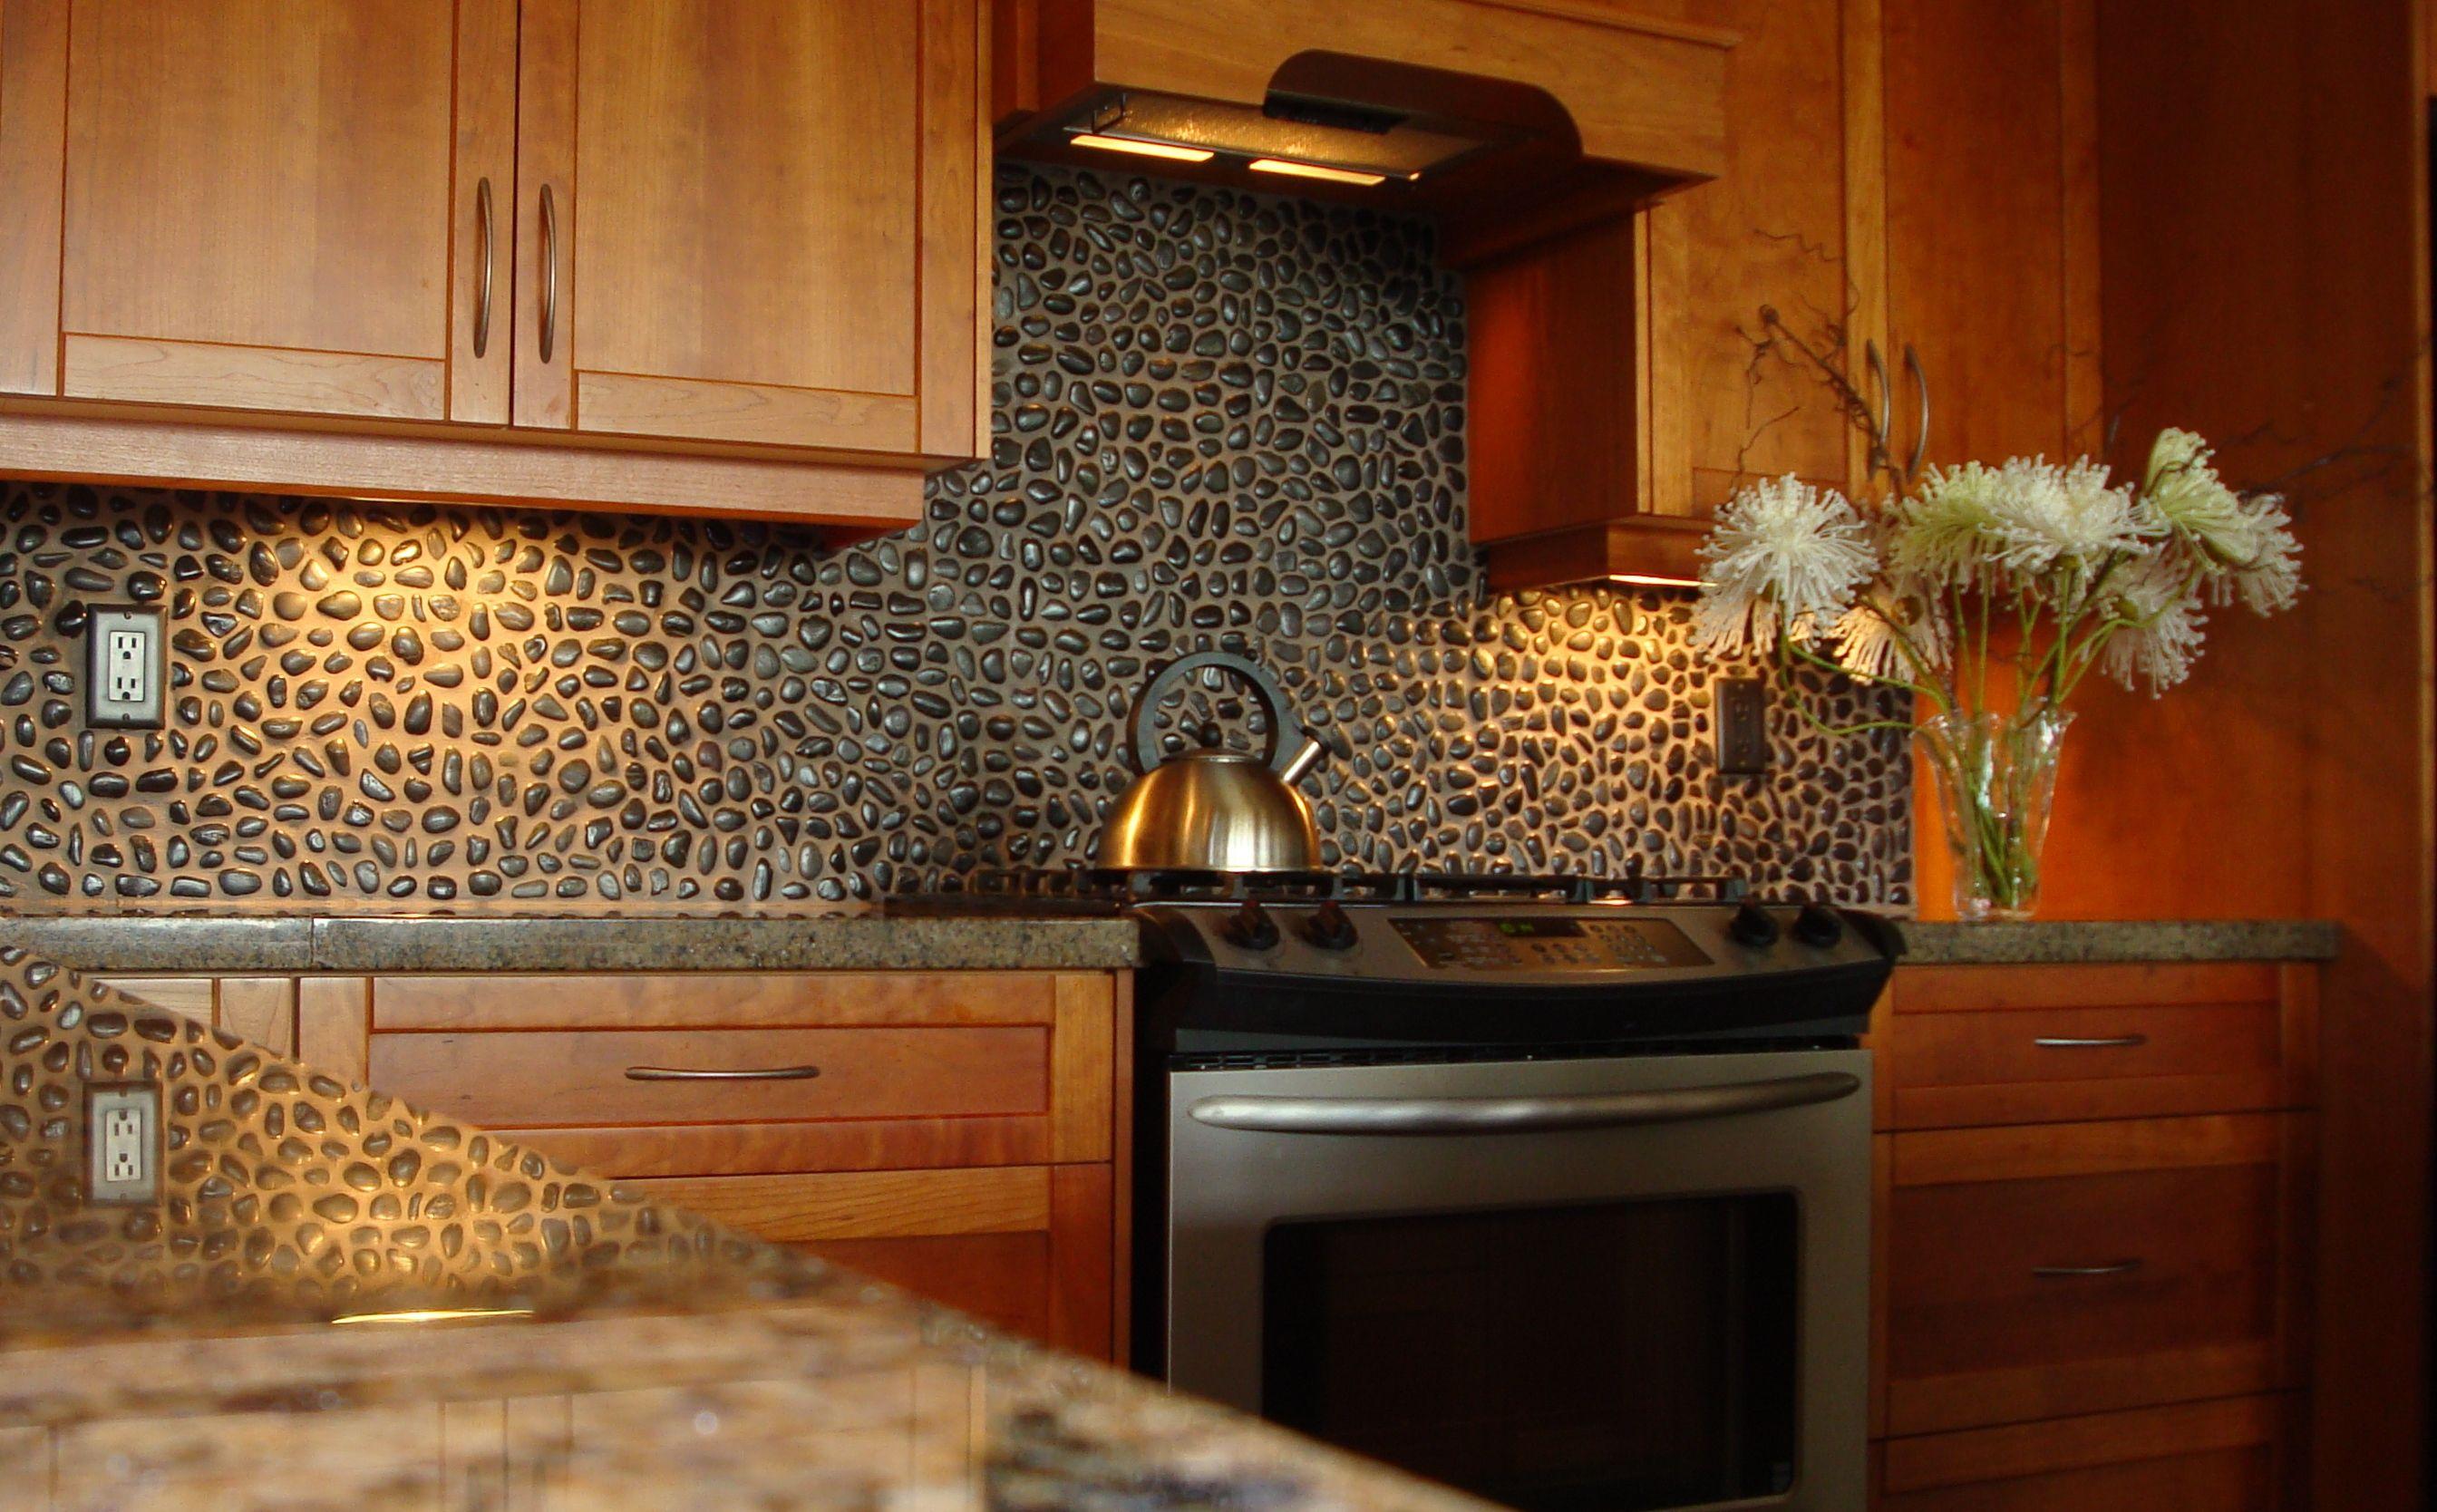 merveilleux-motifs-de-dosseret-de-cuisine-faits-de-petites-pierres-combine-avec-un-comptoir-de-granit noir